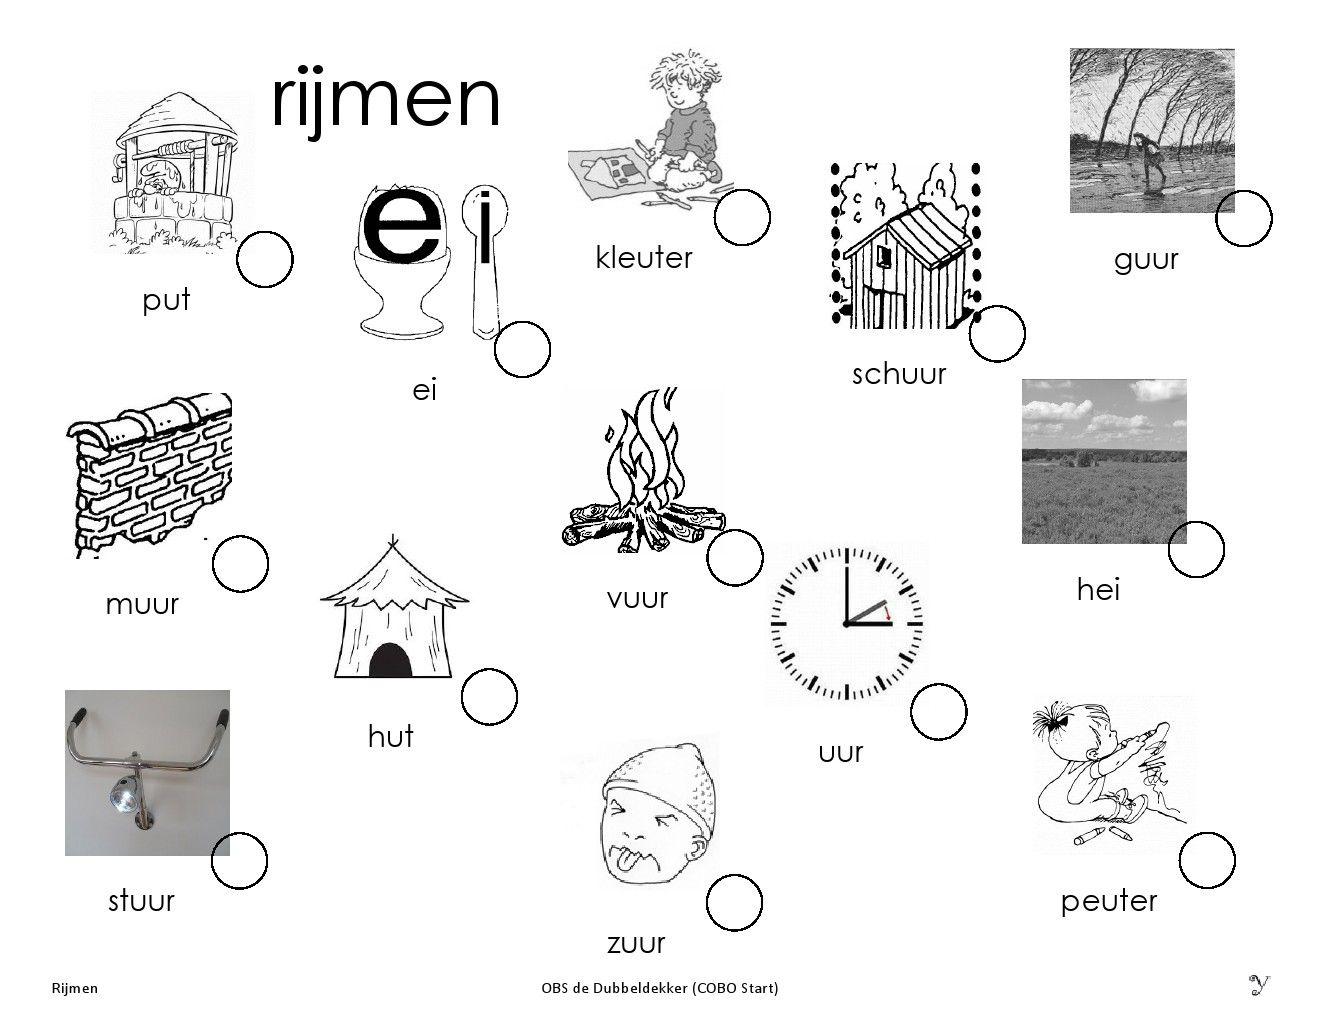 zoek de rijmende woorden | rijmen | school, lettering, floor plans